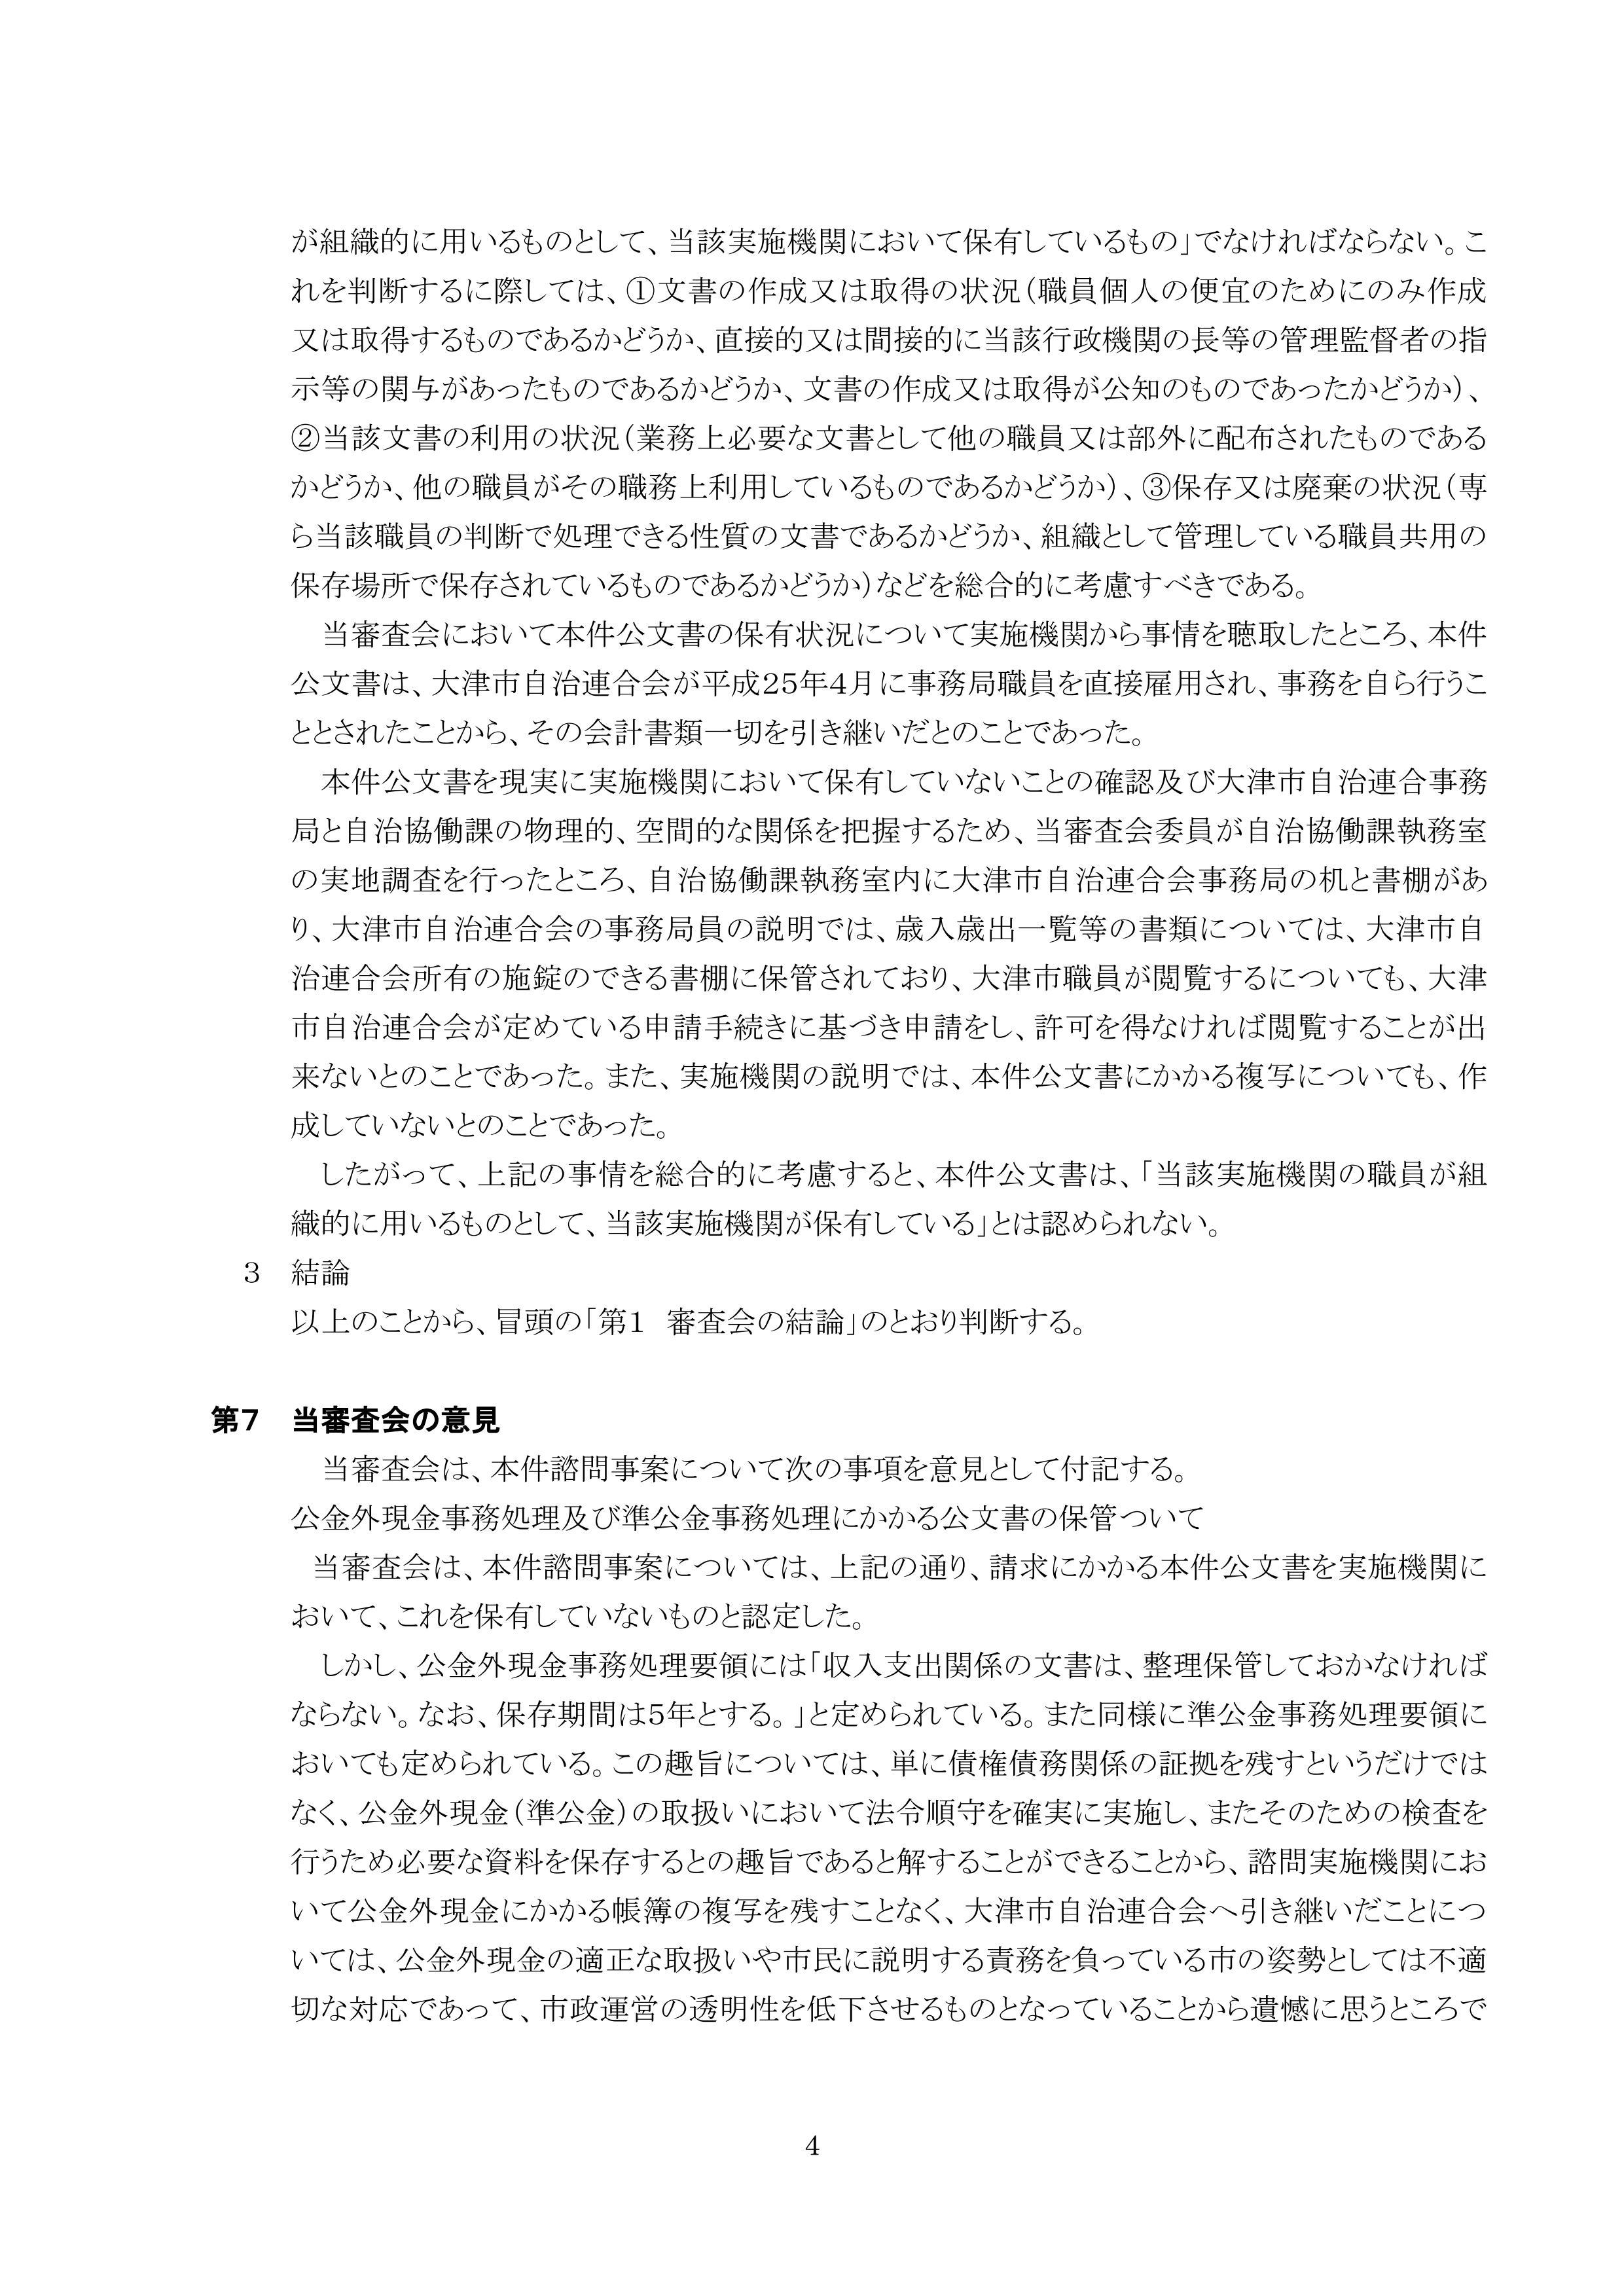 大津市の答申27_06